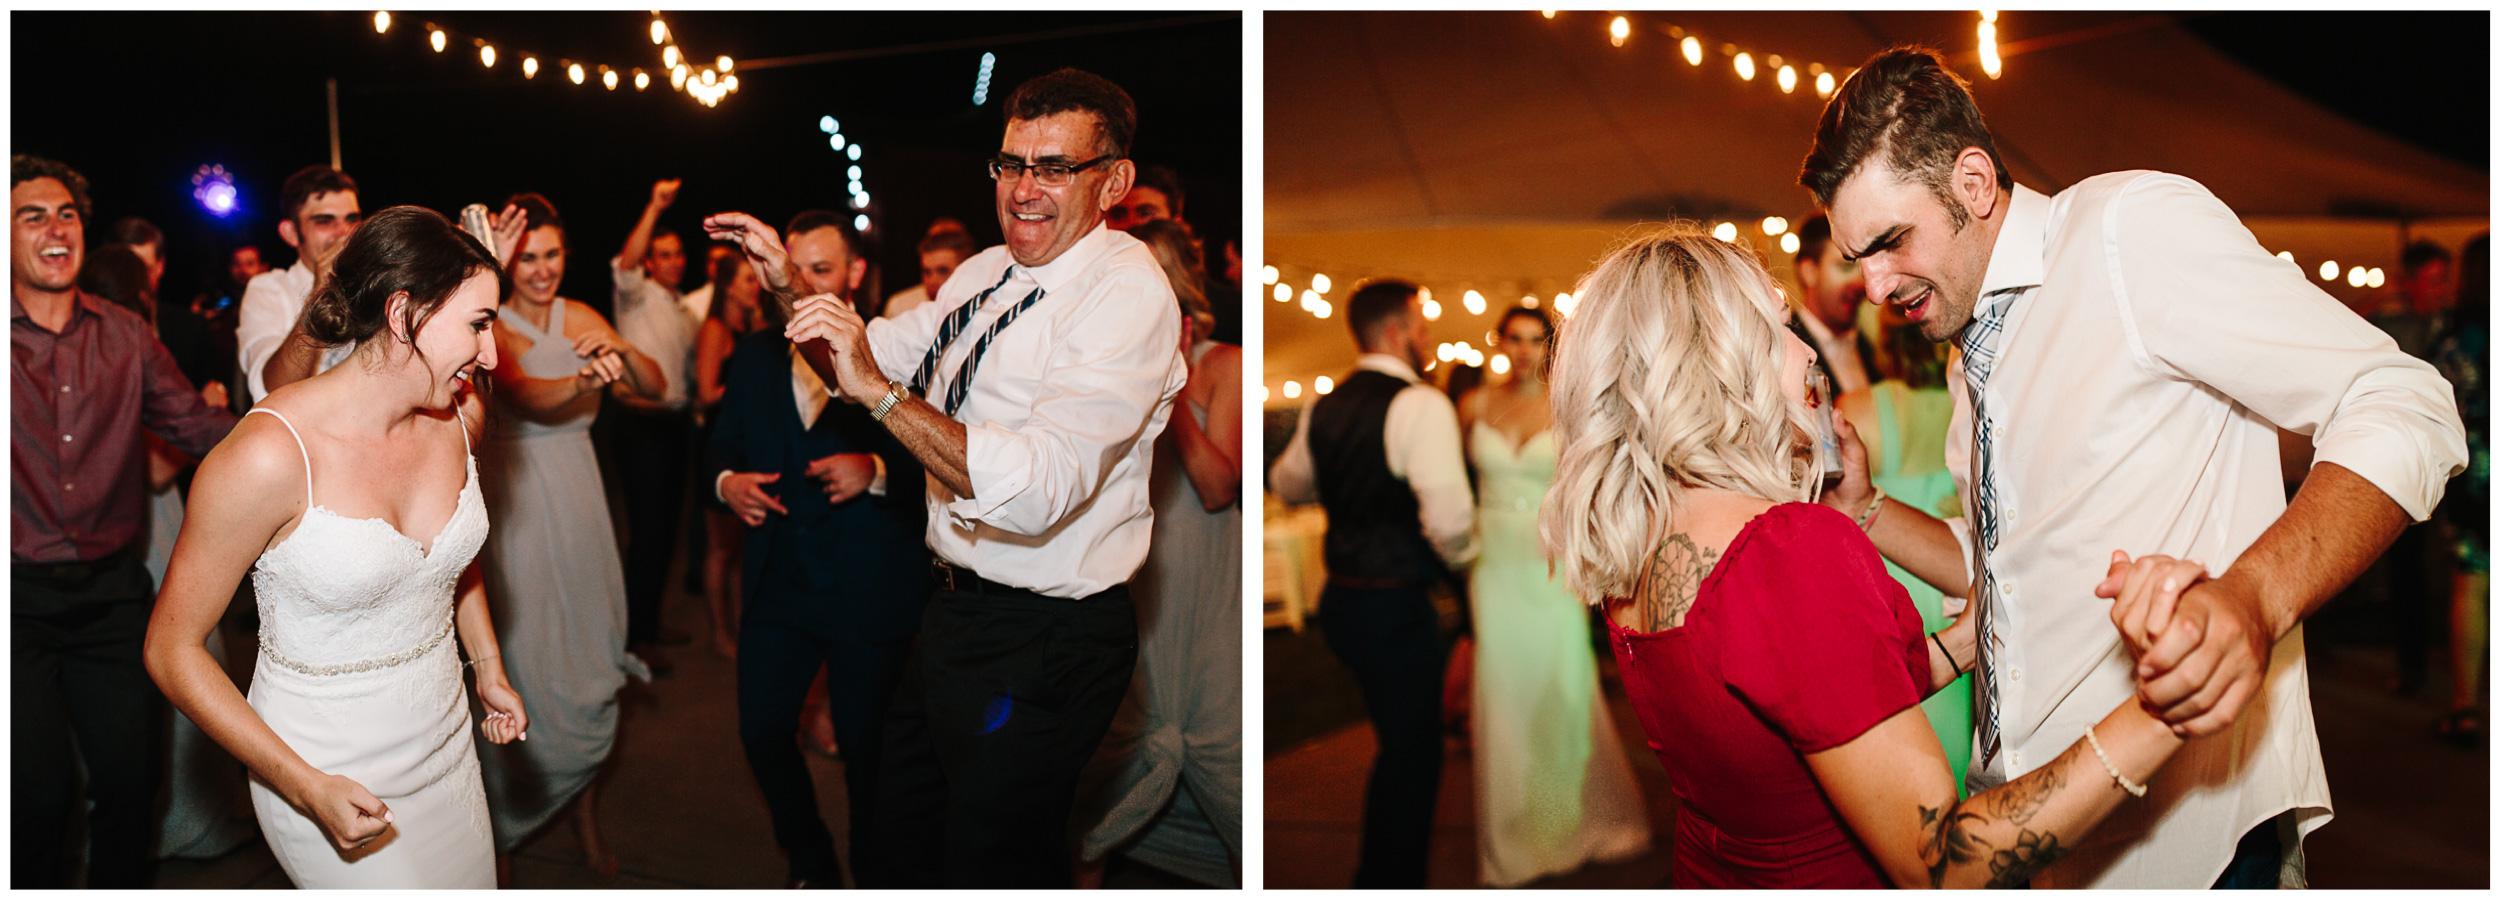 Morrison_Colorado_Wedding_91.jpg